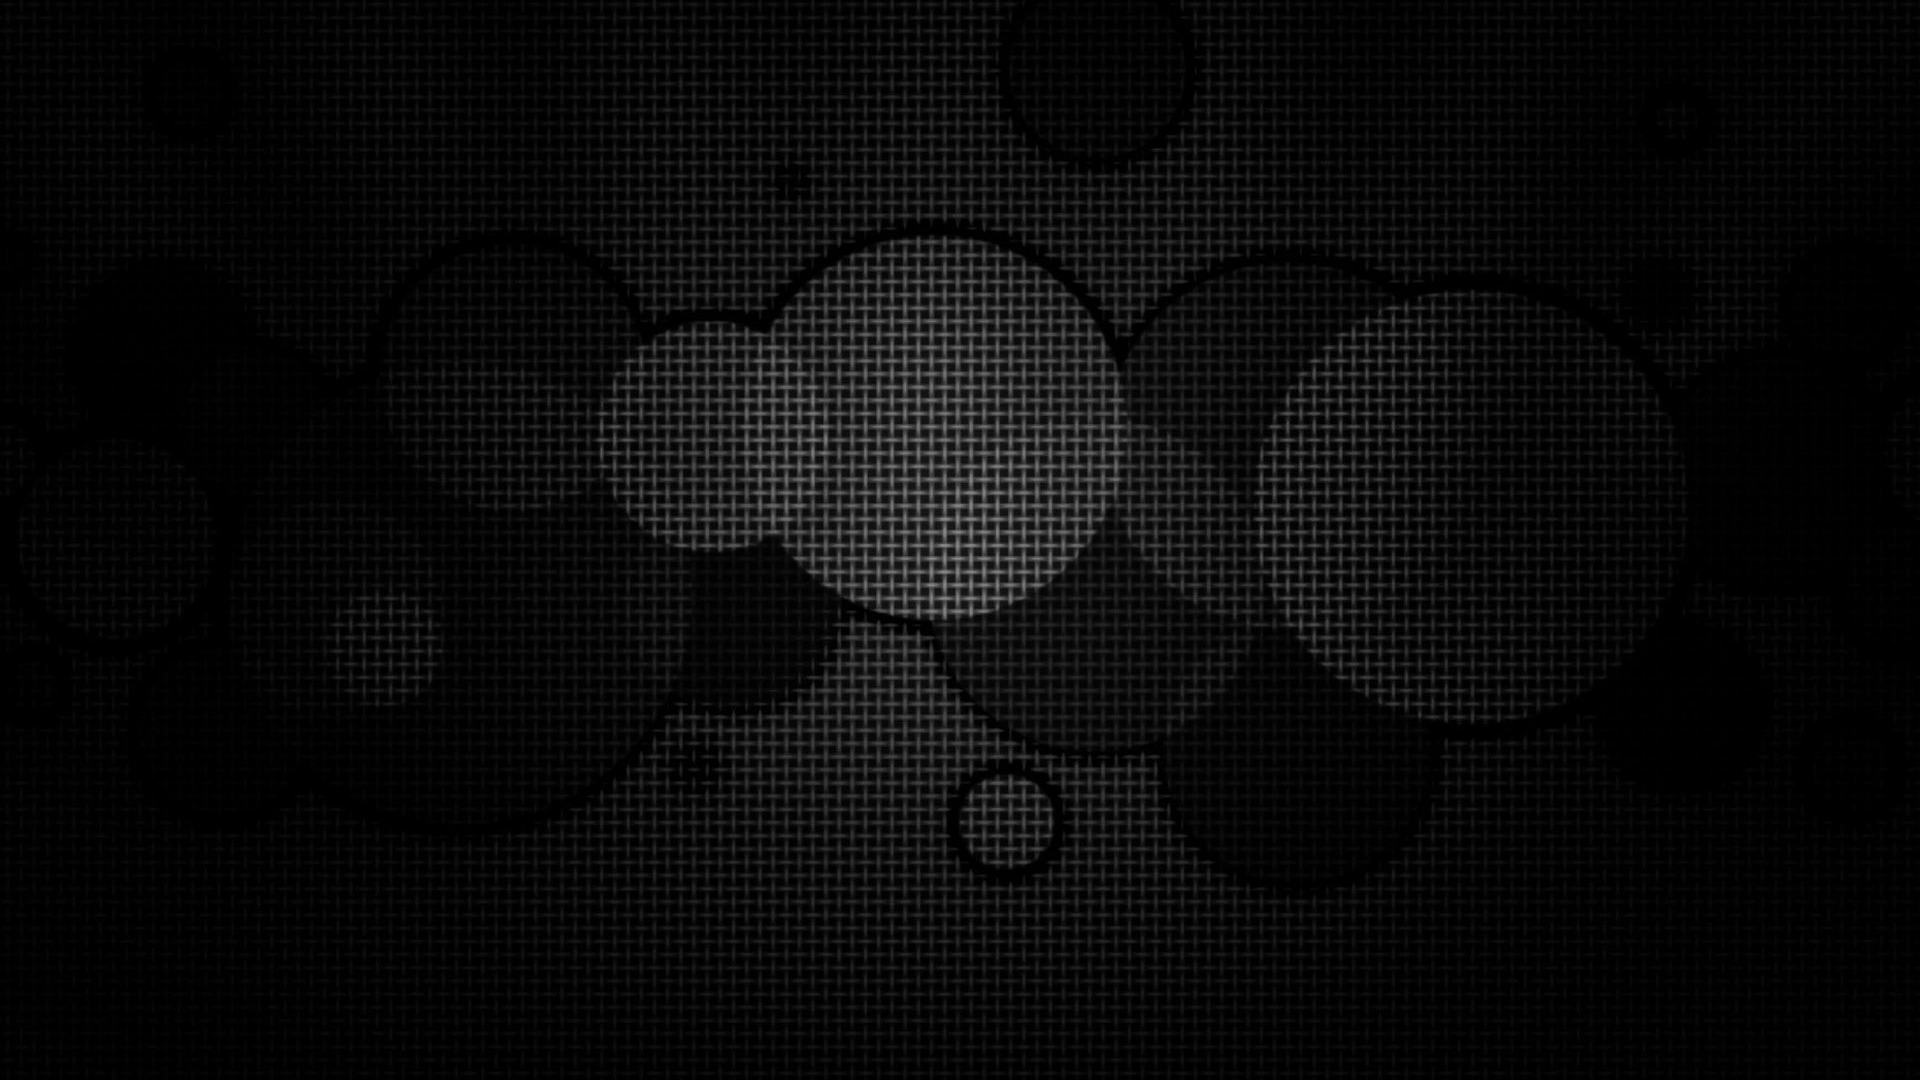 dark desktop backgrounds hd 32 wallpapers